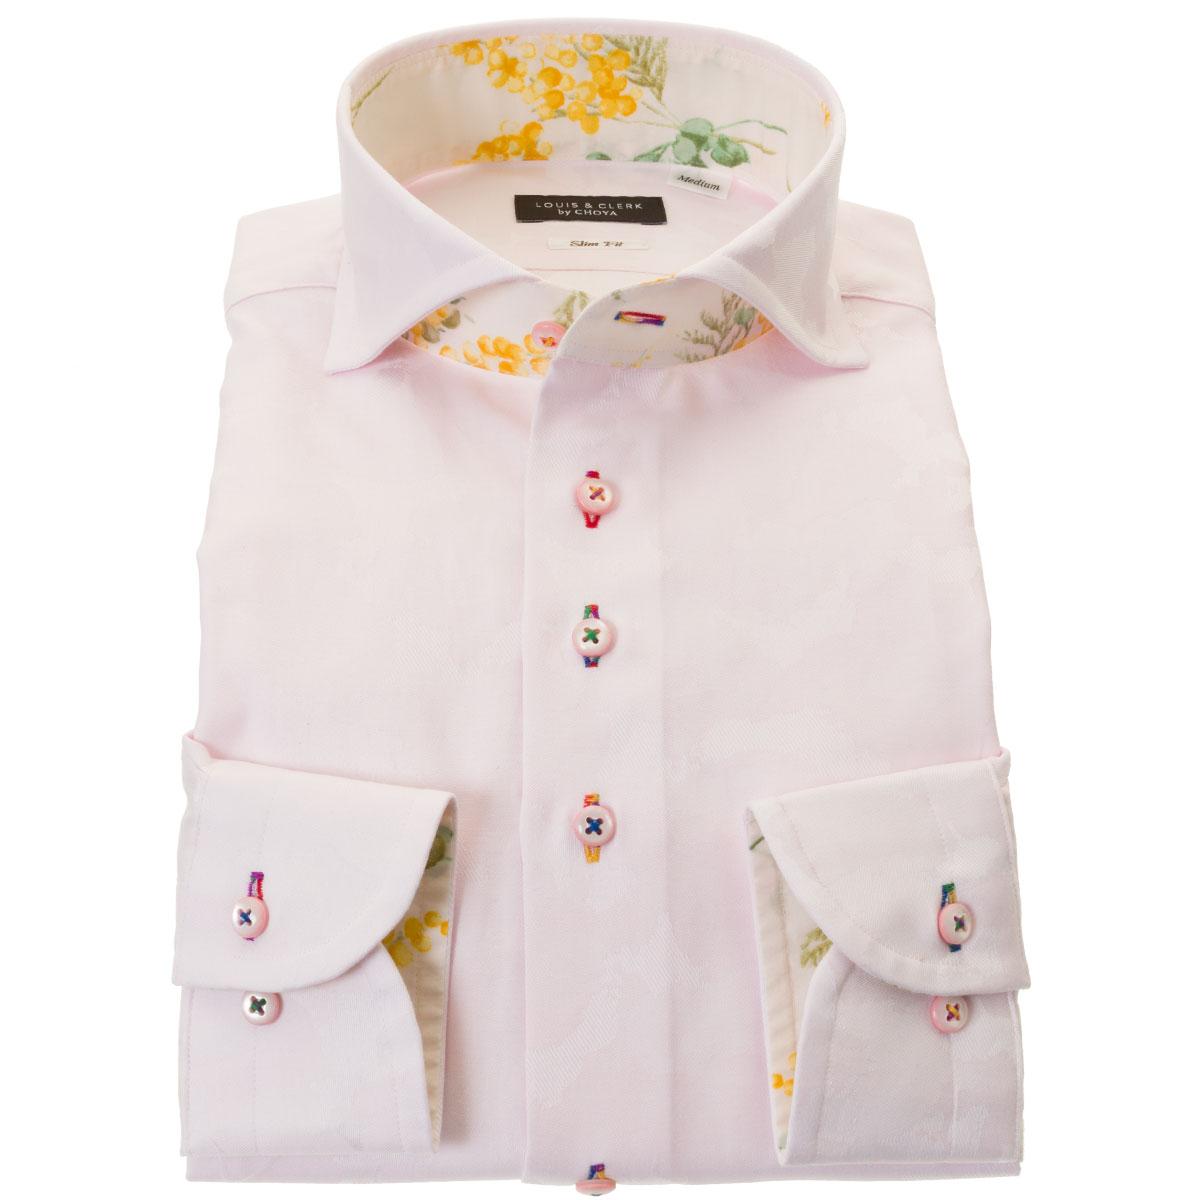 日本生まれ 日本デザイン 日本製 超人気 国産 長袖 綿100% 新入荷 流行 ドレスシャツ カッタウェイワイド 日本地図 マップ ジャガード織柄 迷彩柄風 ライトピンク スリムフィット 2109de 胸ポケット無